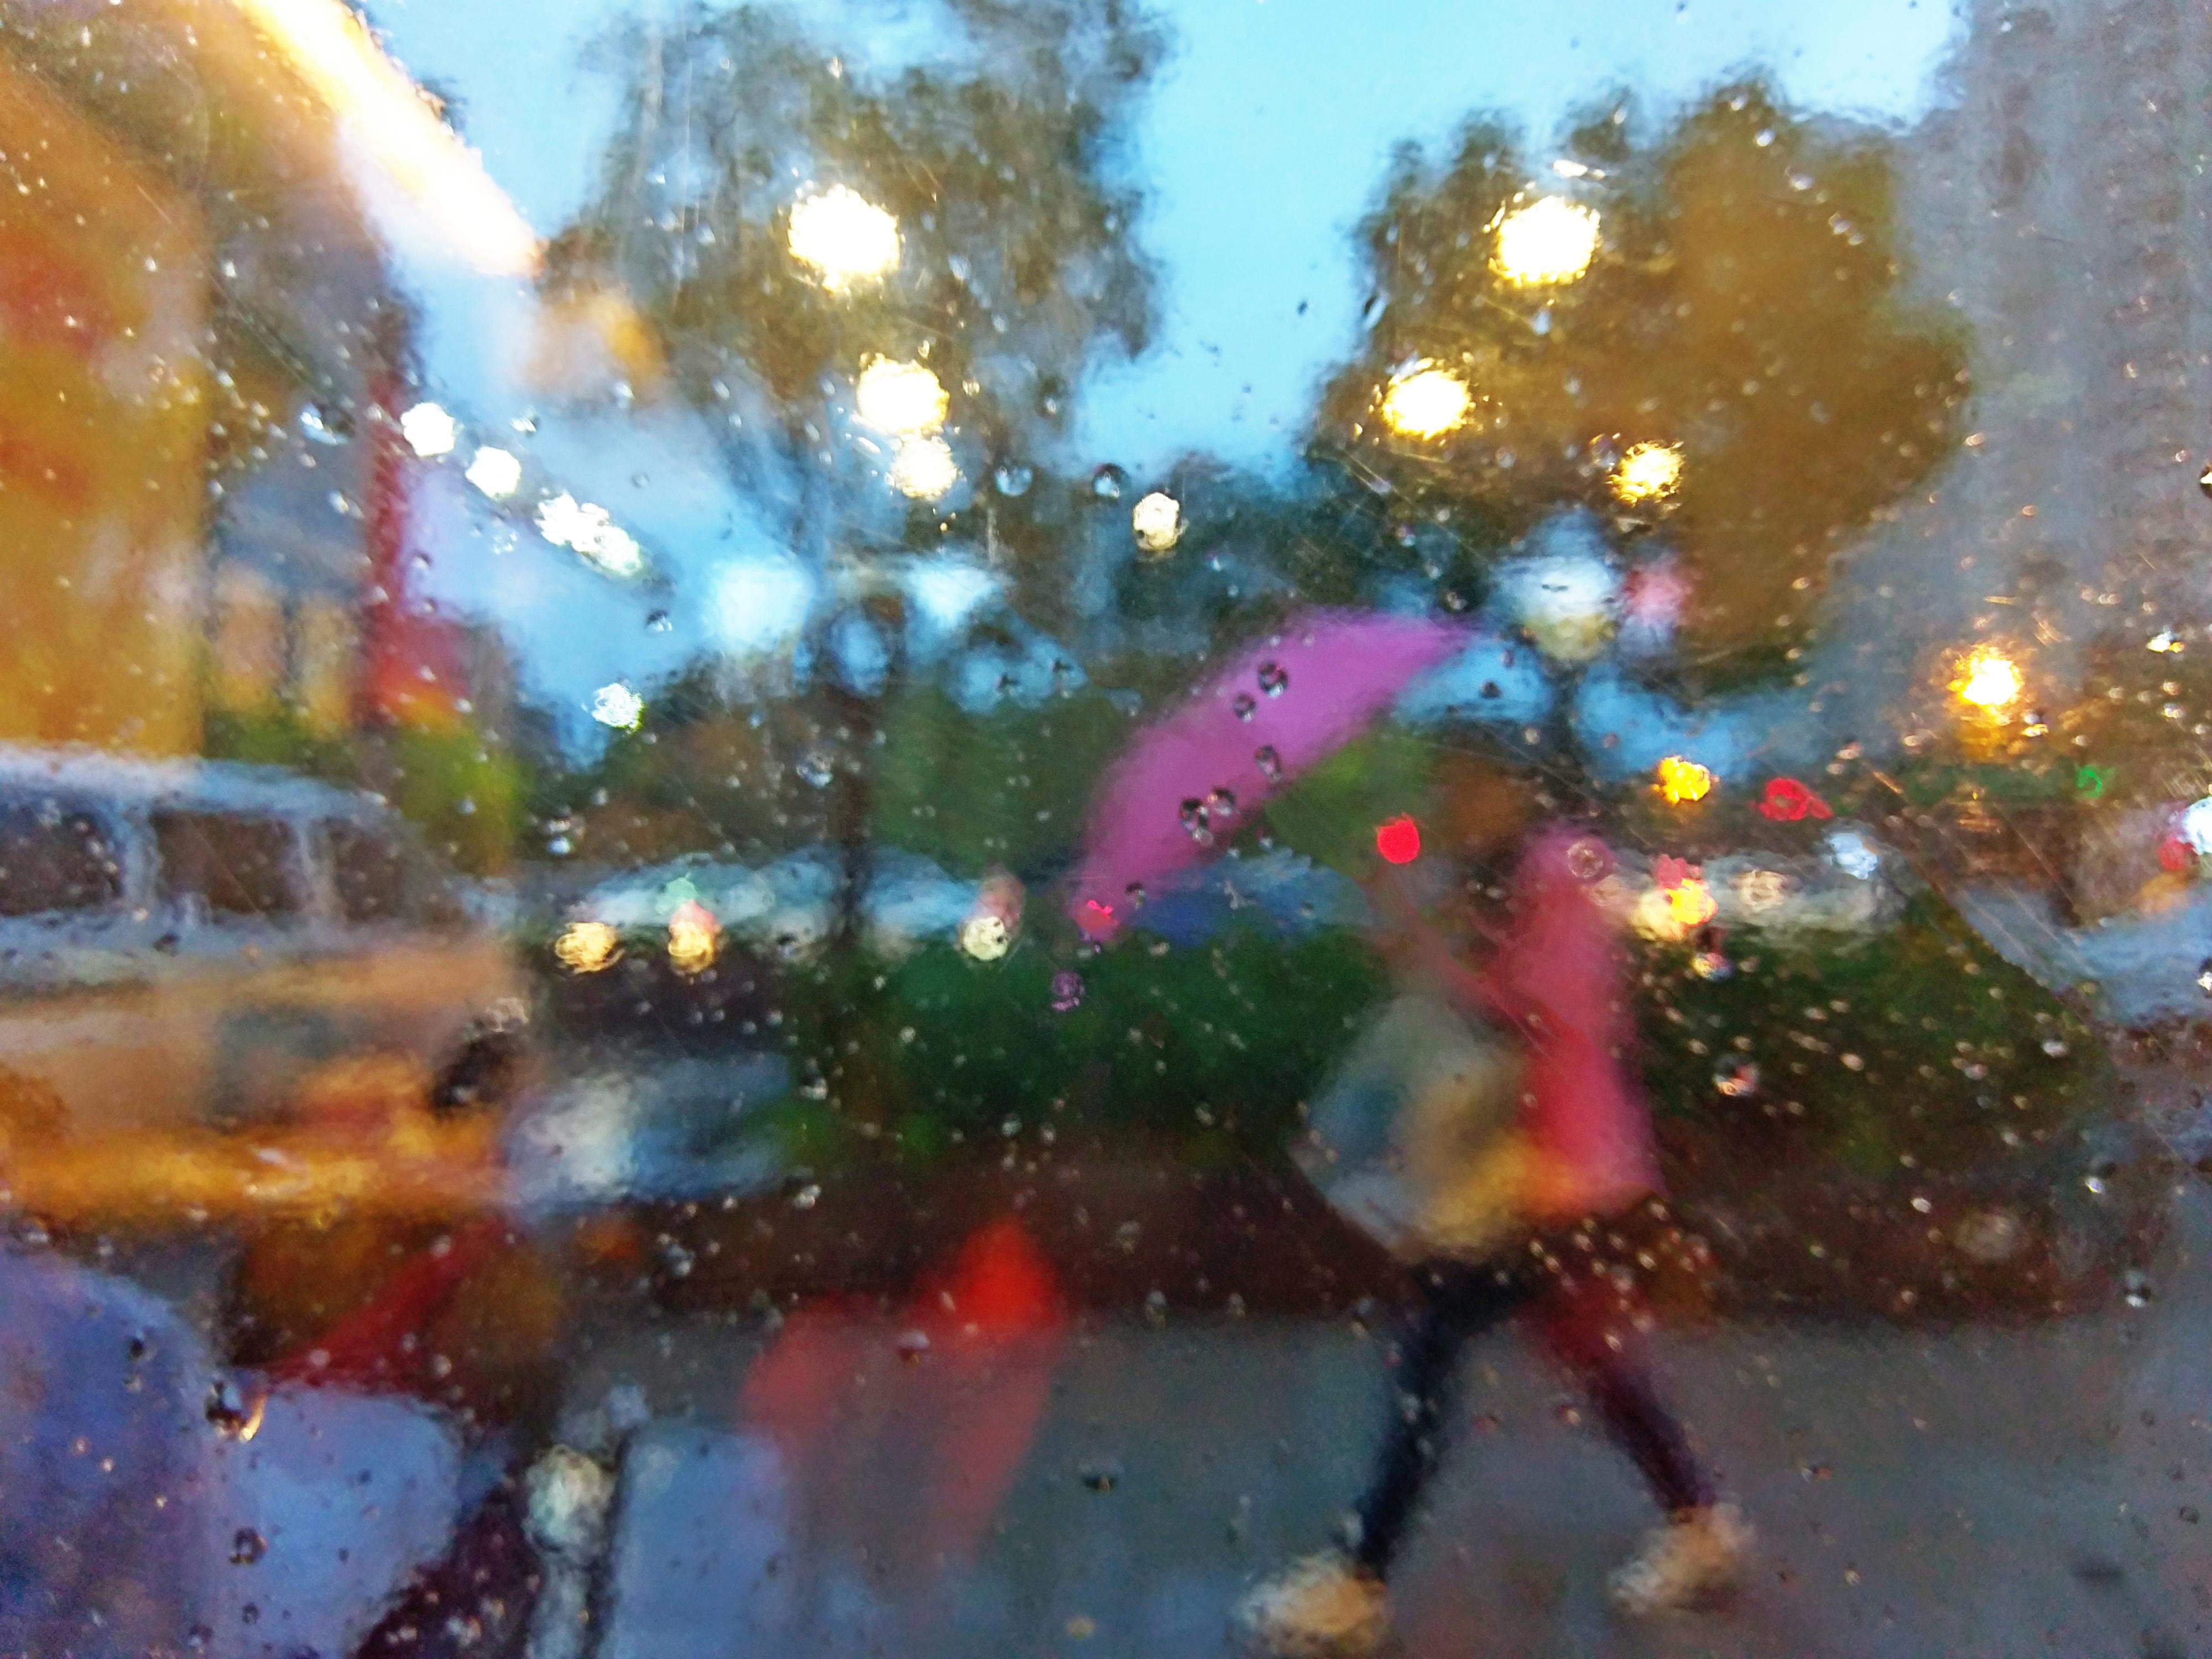 雨夜行(歪诗一首)